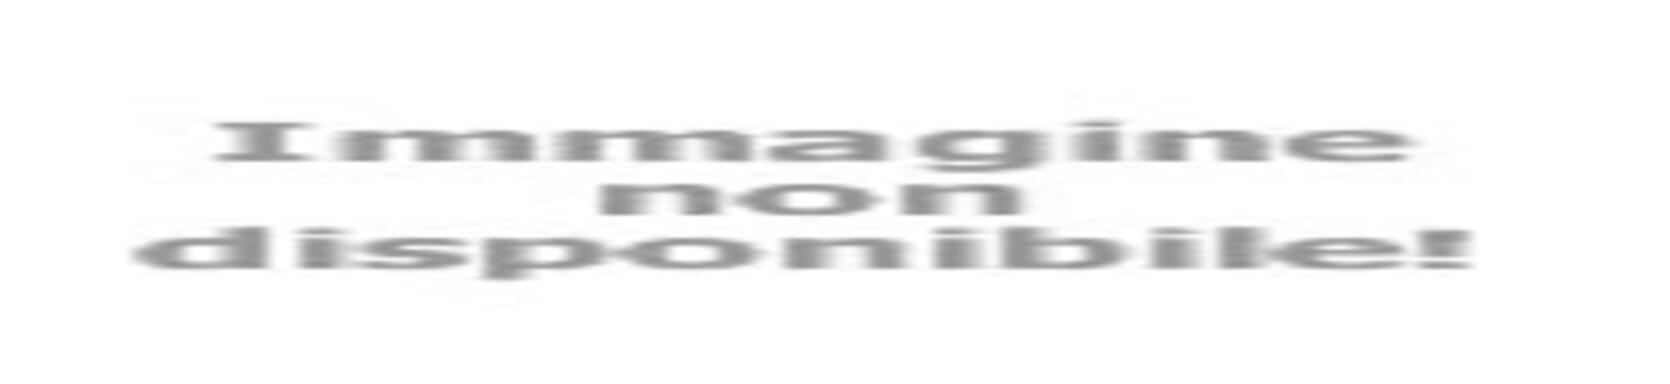 basketriminicrabs it 2-2555-settore-giovanile-gli-under-16-chiudono-con-una-sconfitta-a-san-lazzaro 003